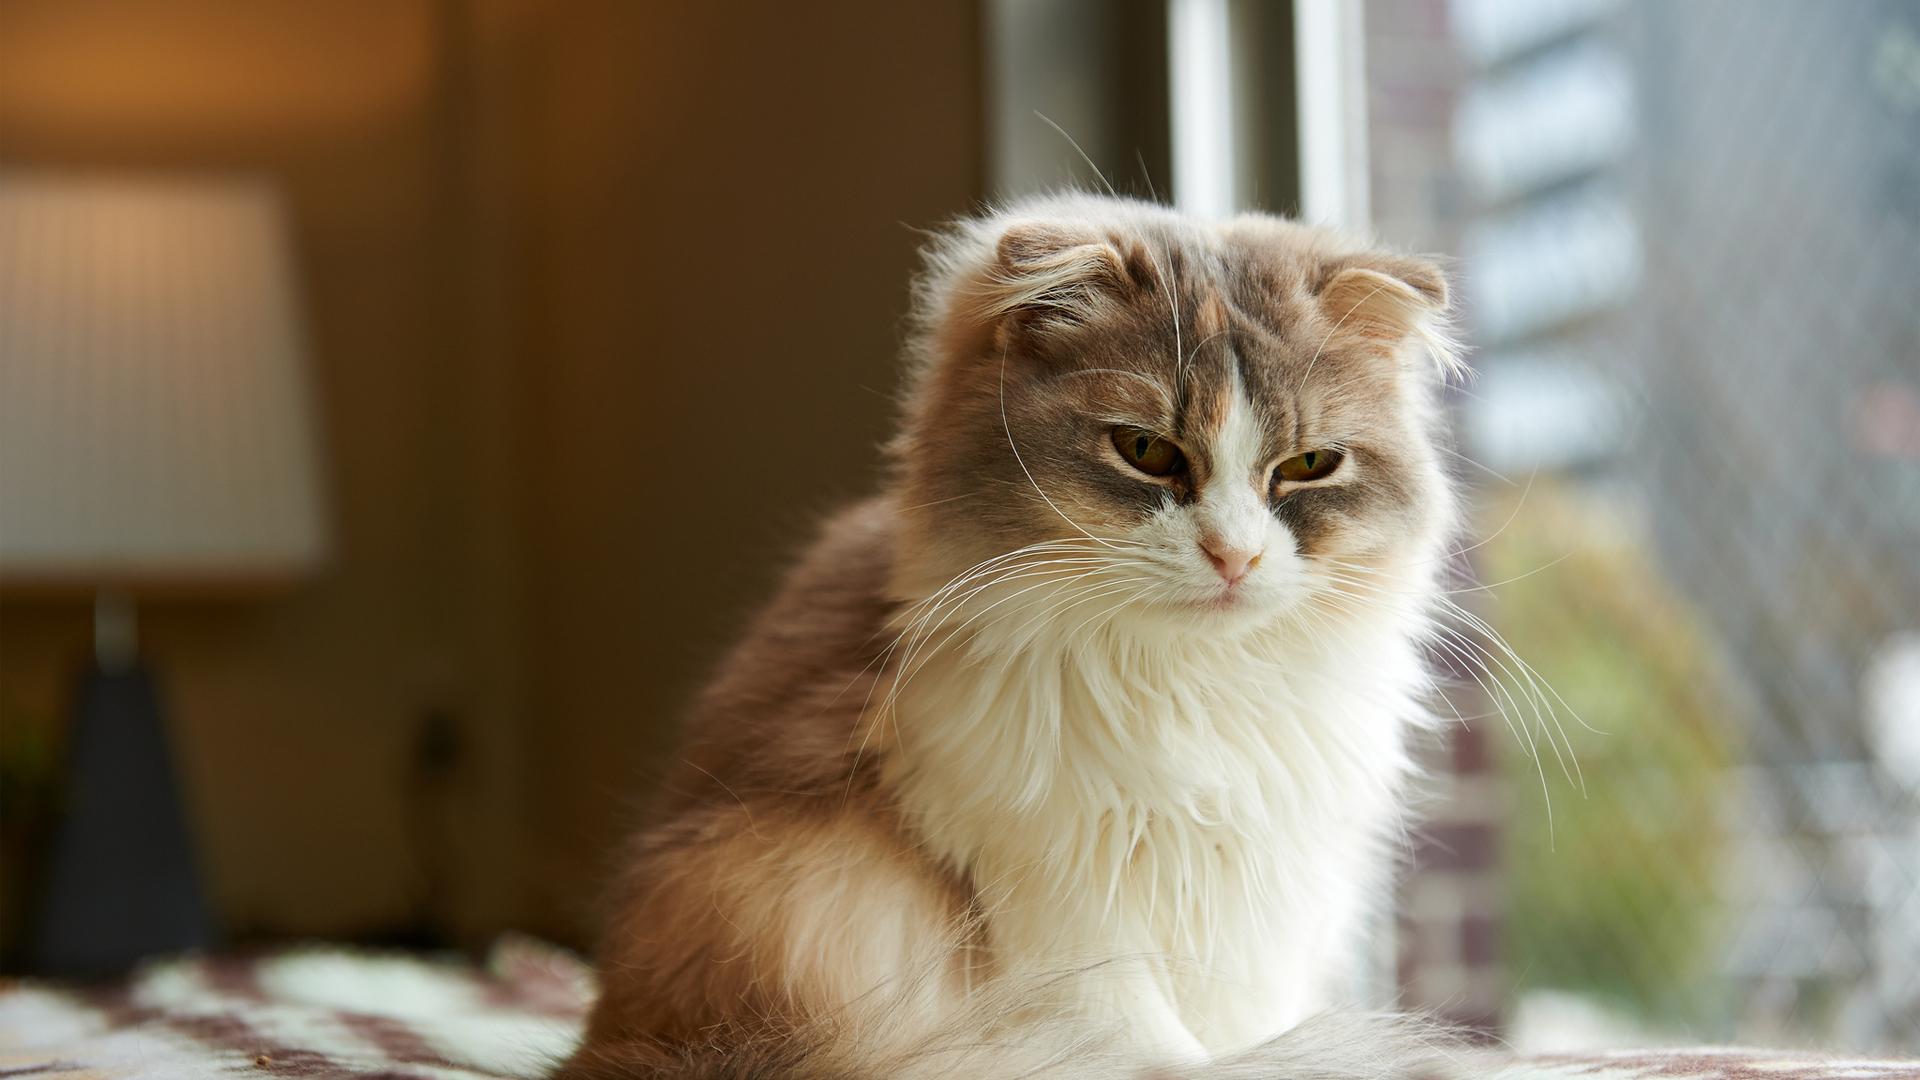 Обои морда, сонная, кот, кошка, комната для рабочего стола #50604